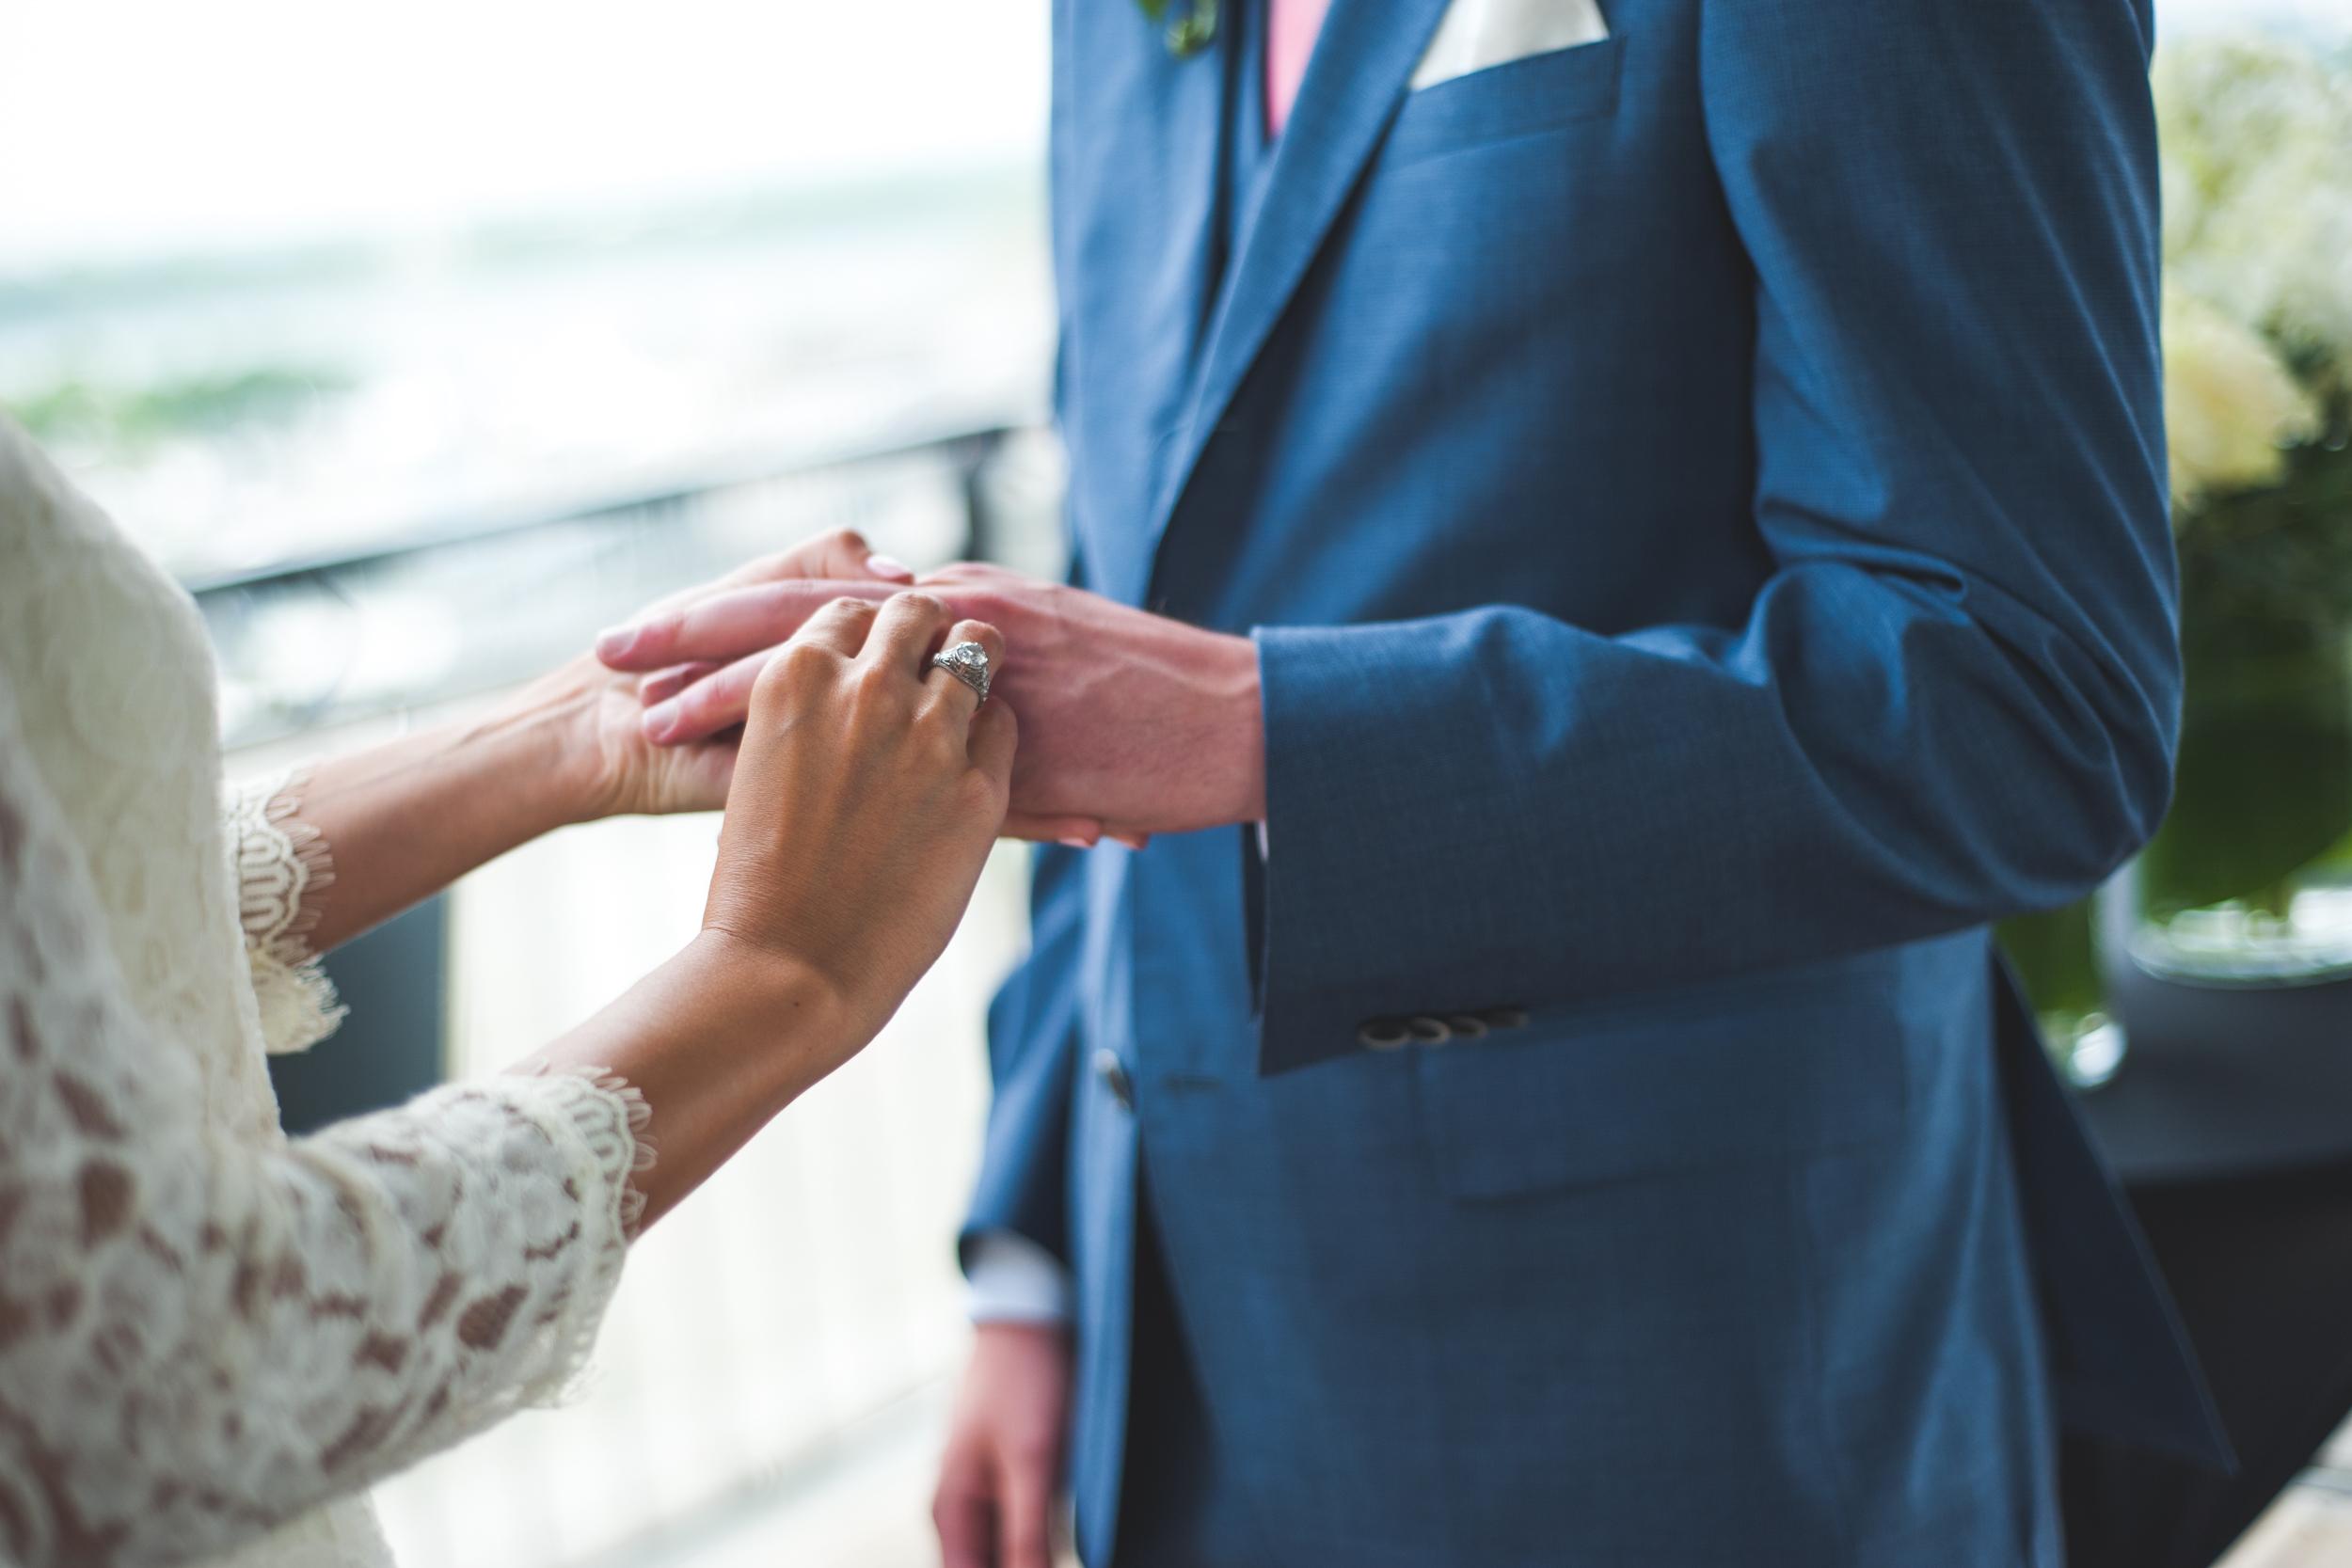 Wedding+(14+of+17).jpeg